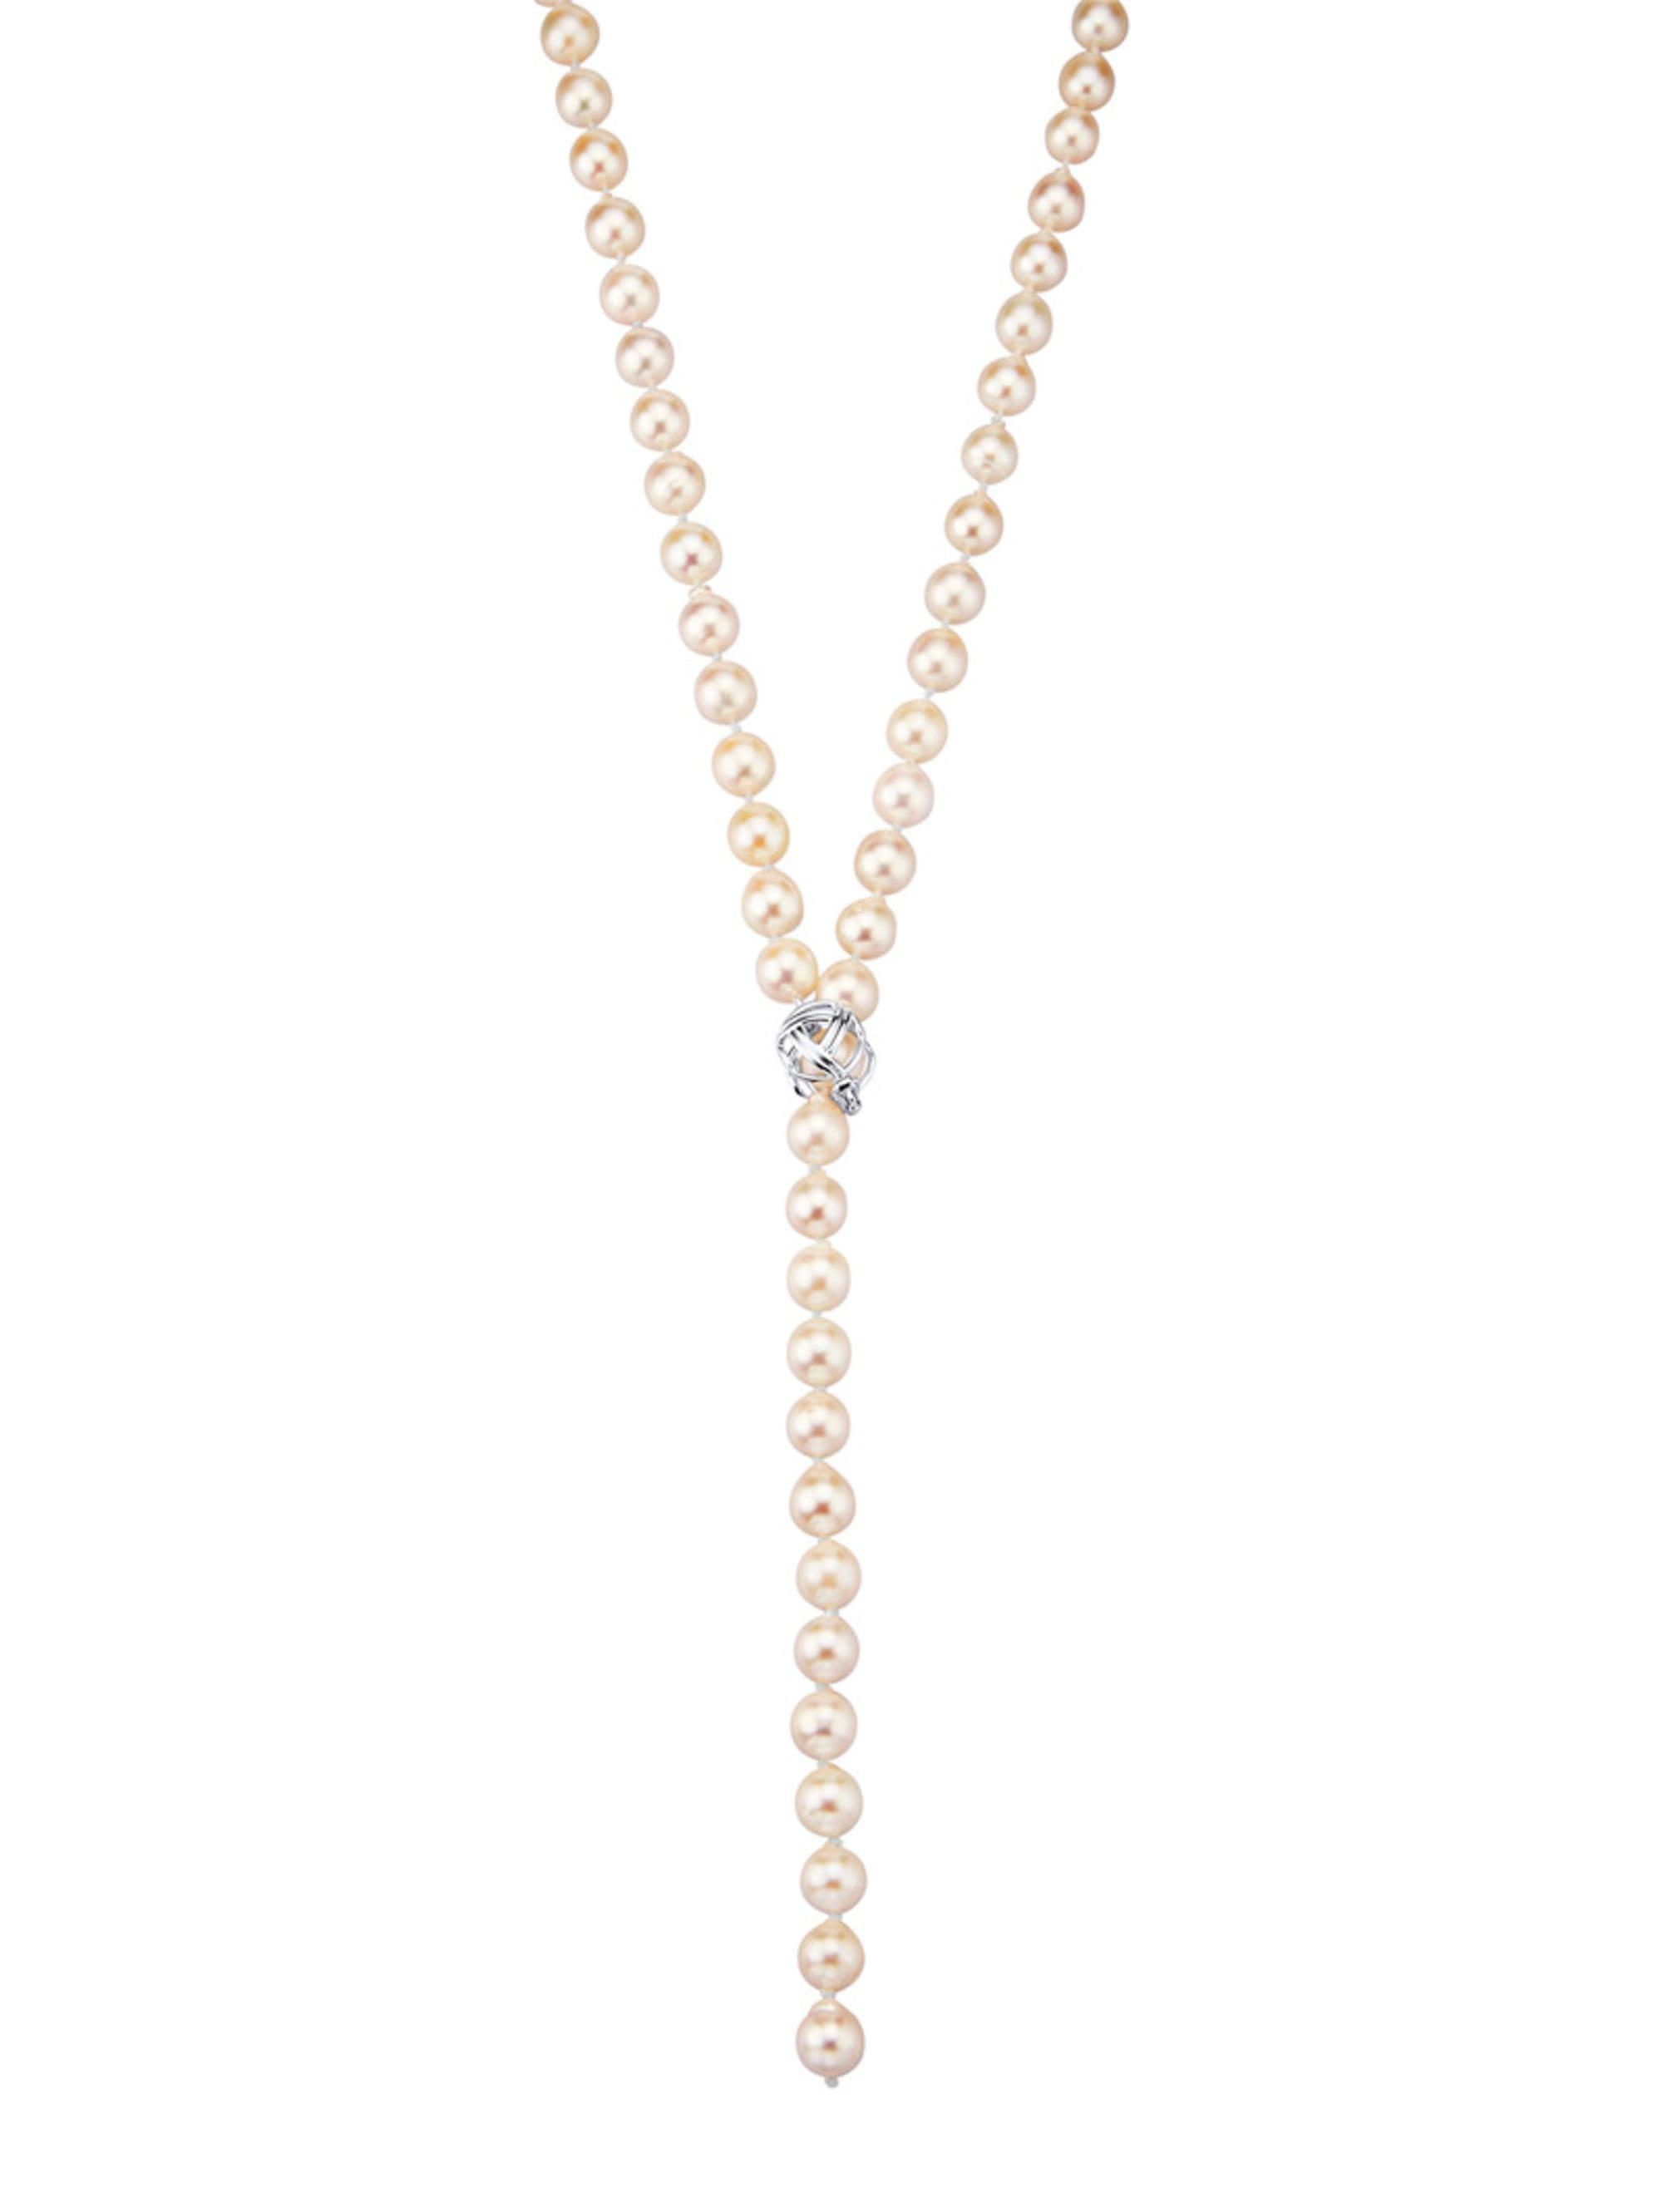 Diemer Perle Akoya-Zuchtperlen-Kette mit Klappverschluss X899s